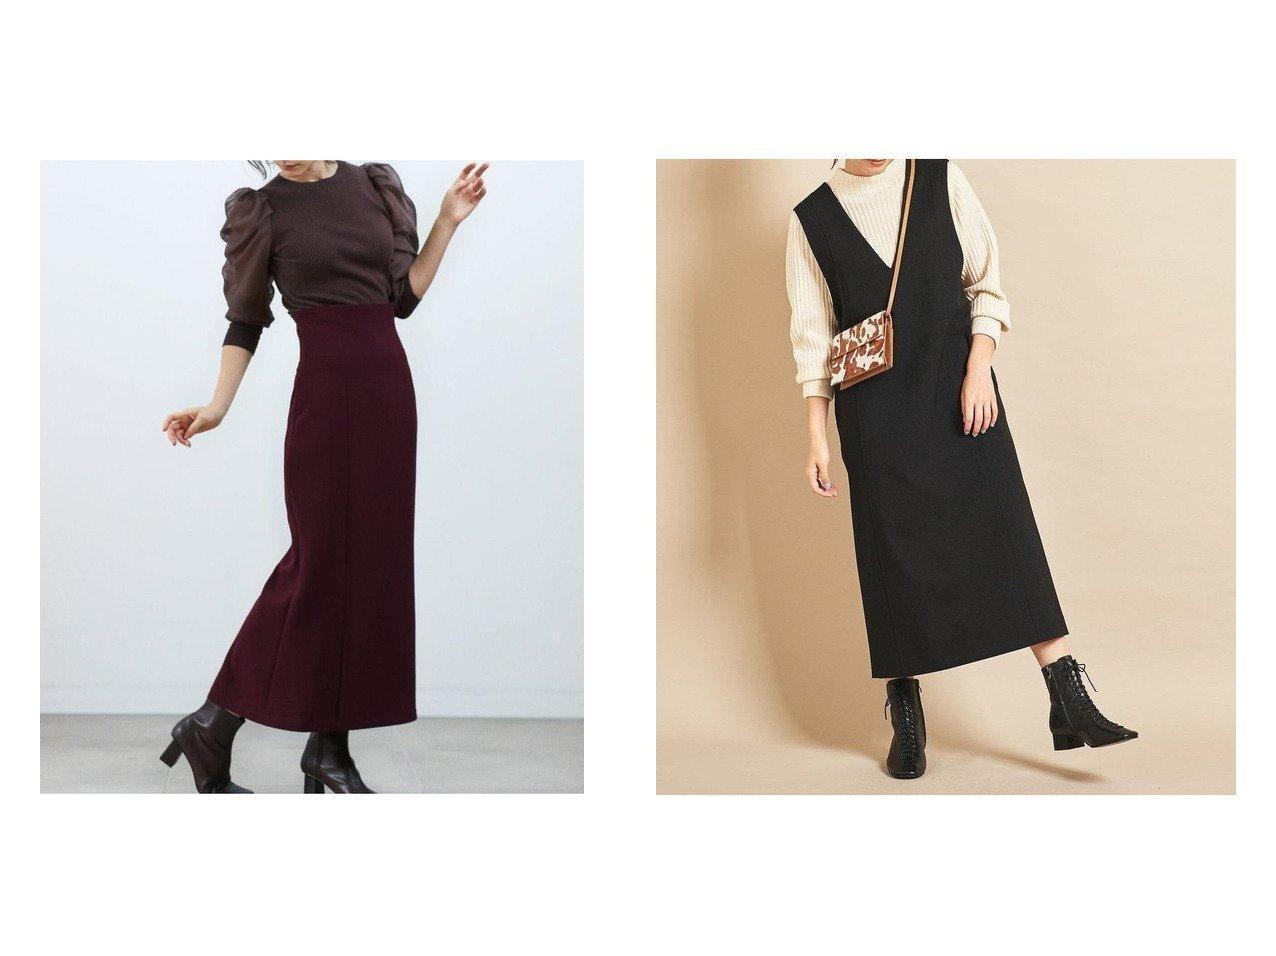 【BEAUTY&YOUTH UNITED ARROWS/ビューティアンド ユースユナイテッドアローズ】のBY Vネックジャンパースカート&【SNIDEL/スナイデル】のハイウエストナロースカート スカートのおすすめ!人気、レディースファッションの通販 おすすめで人気のファッション通販商品 インテリア・家具・キッズファッション・メンズファッション・レディースファッション・服の通販 founy(ファニー) https://founy.com/ ファッション Fashion レディース WOMEN スカート Skirt ロングスカート Long Skirt ワンピース Dress トレンド バランス ミドル ロング 今季 インナー シンプル スニーカー スマート 定番 ポケット  ID:crp329100000003041